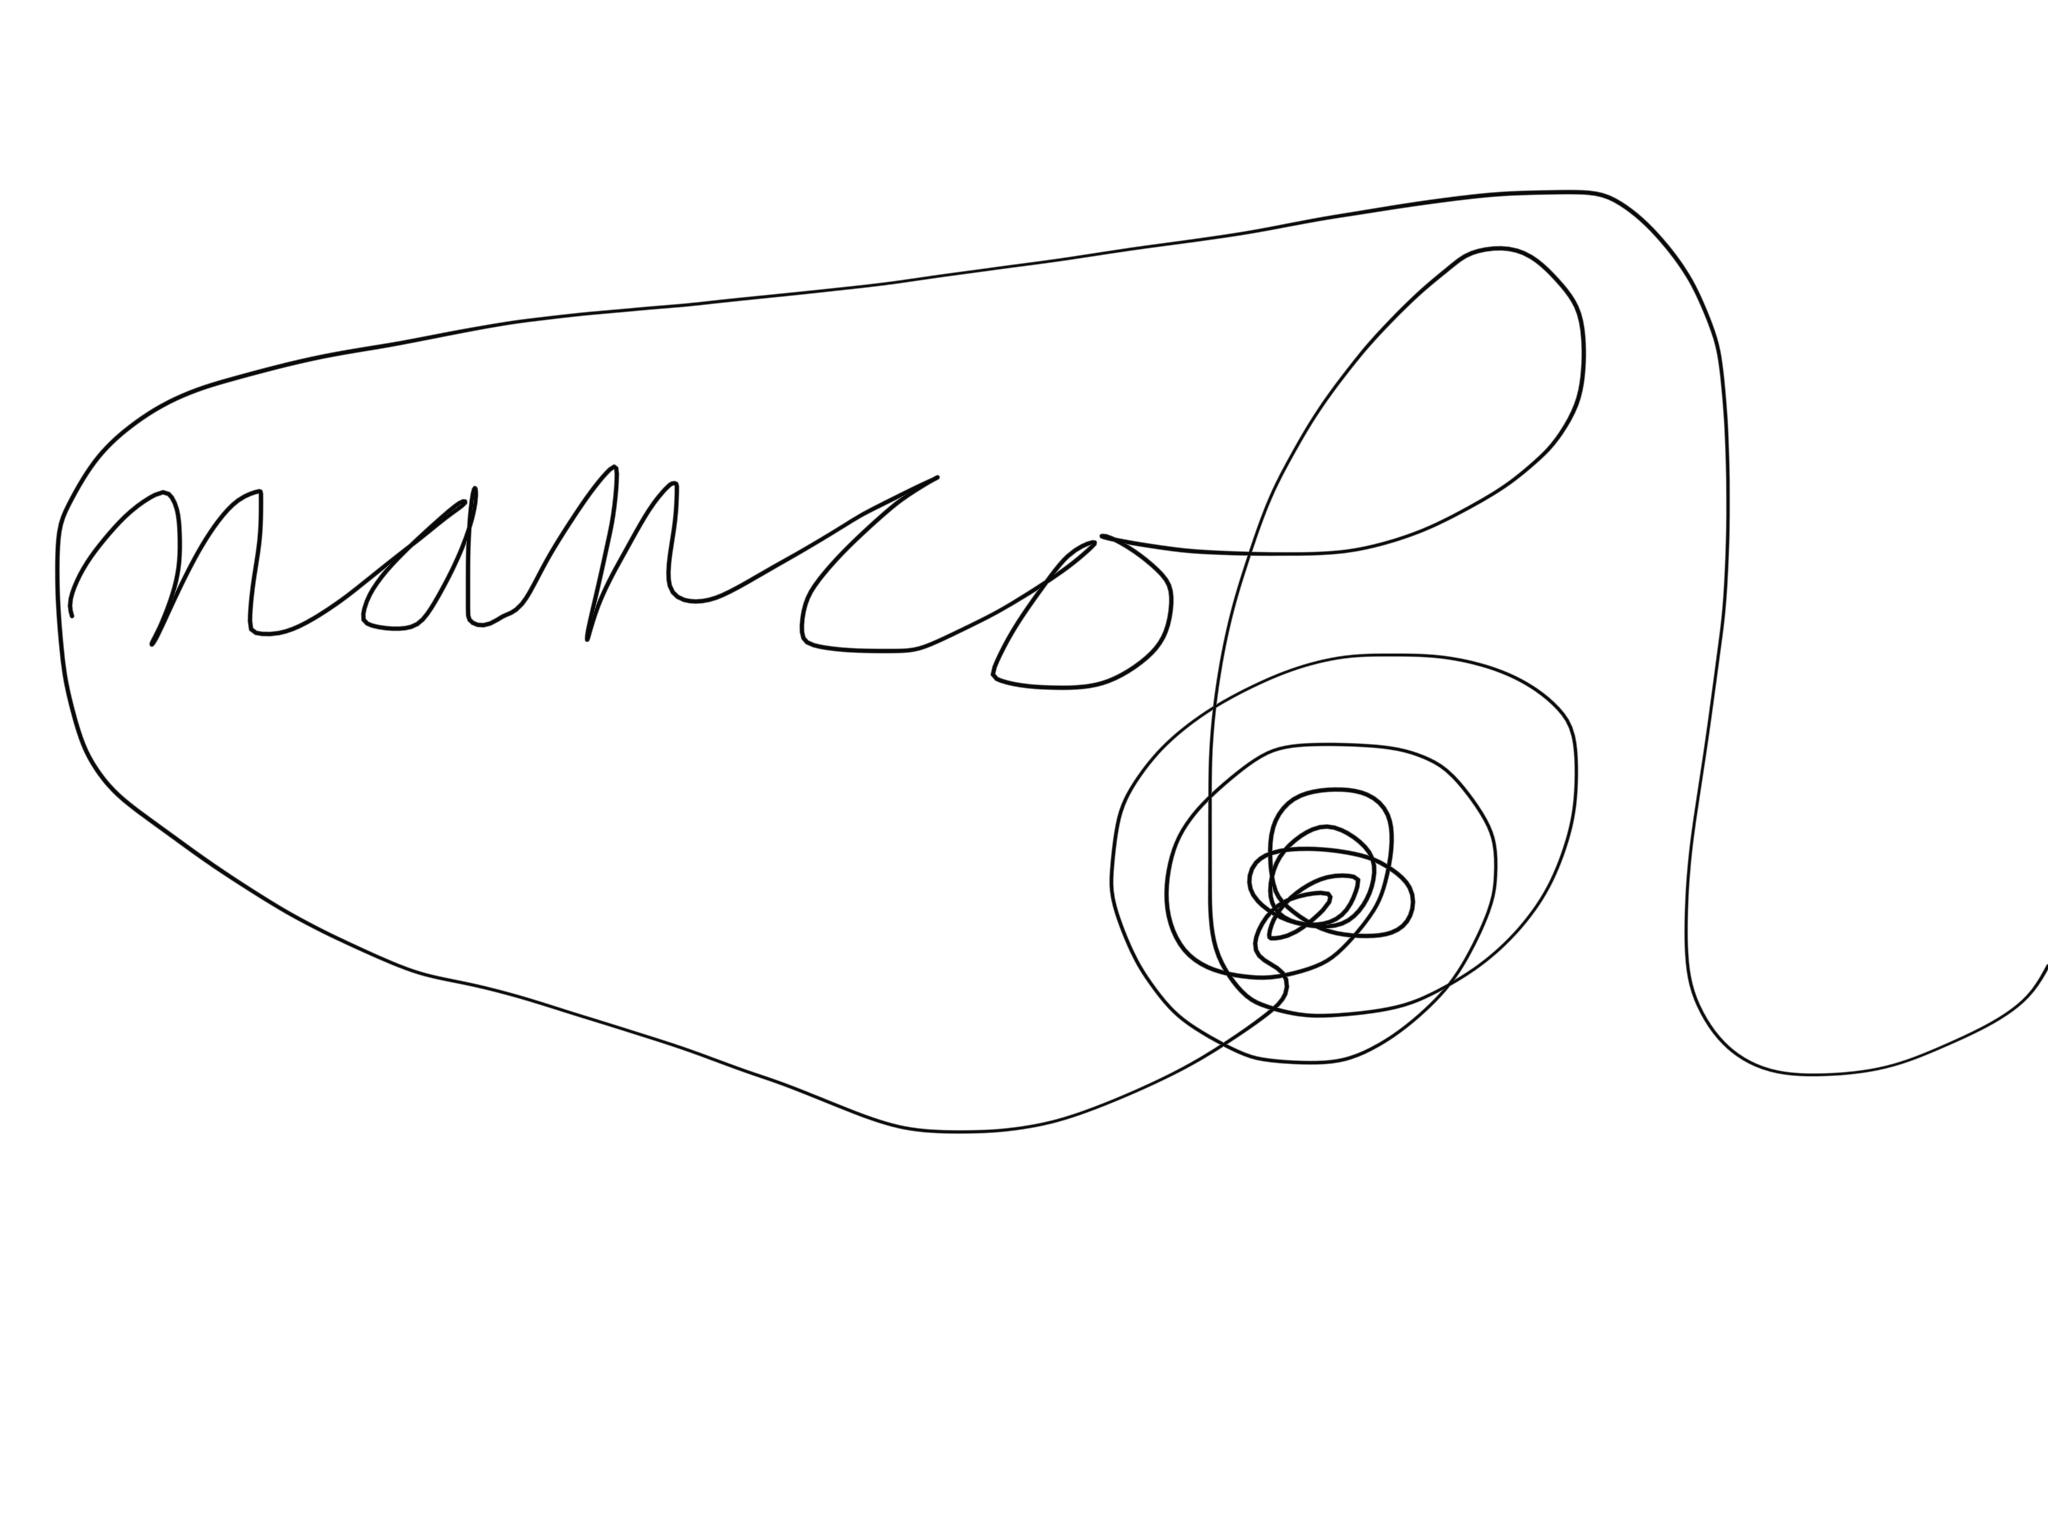 Nancomusic